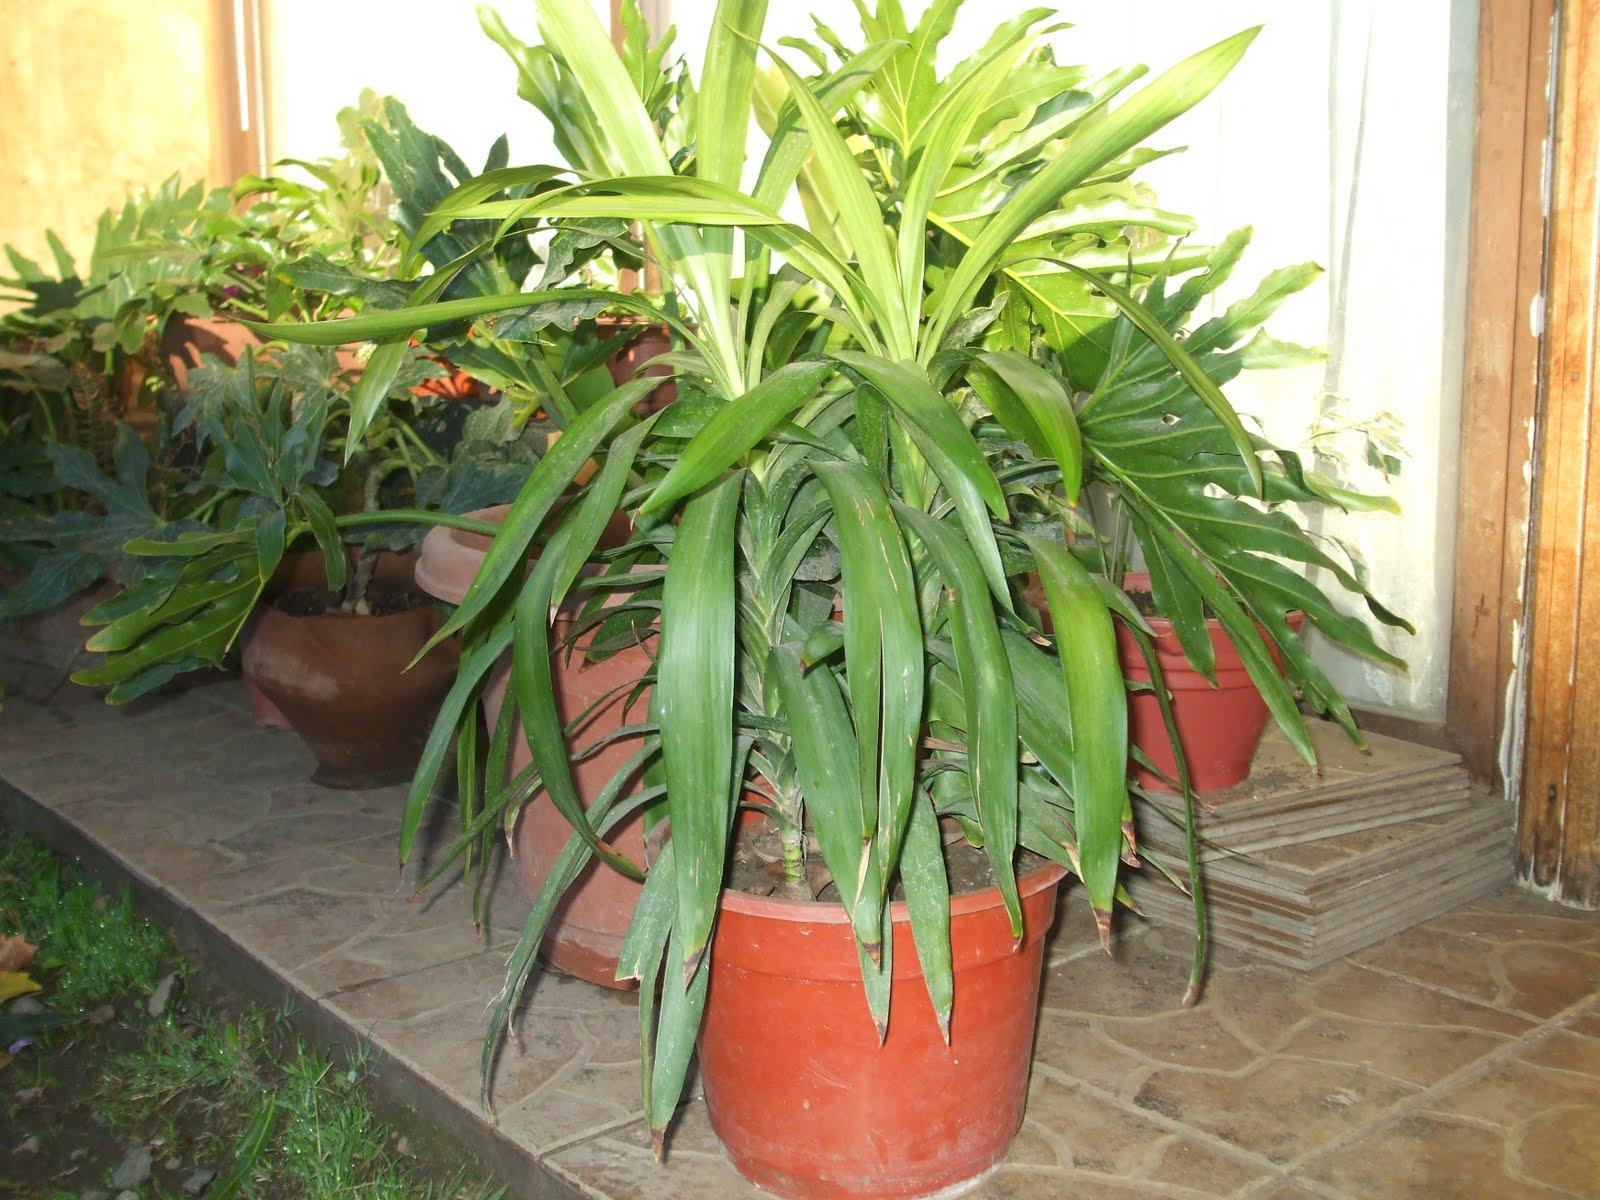 Plantas ornamentales plantas de interior - Plantas ornamentales de exterior ...